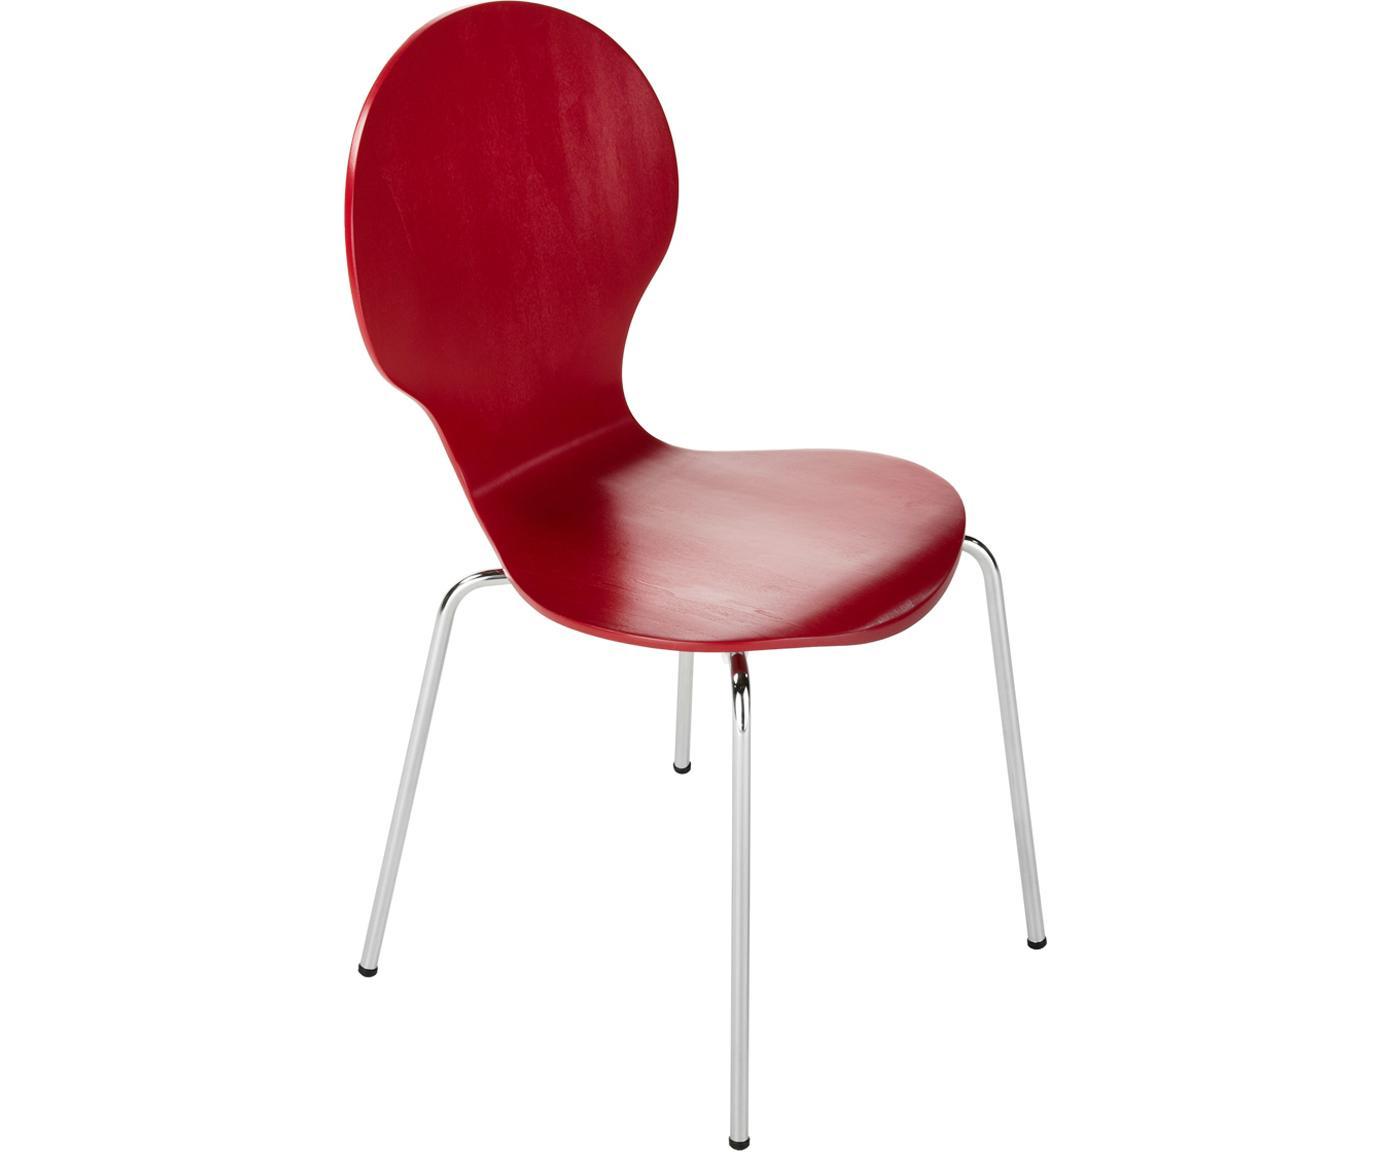 Sillas Marcus, 4 uds., Asiento: tablero de fibras de dens, Estructura: acero, cromado, Rojo, An 49 x Al 87 cm